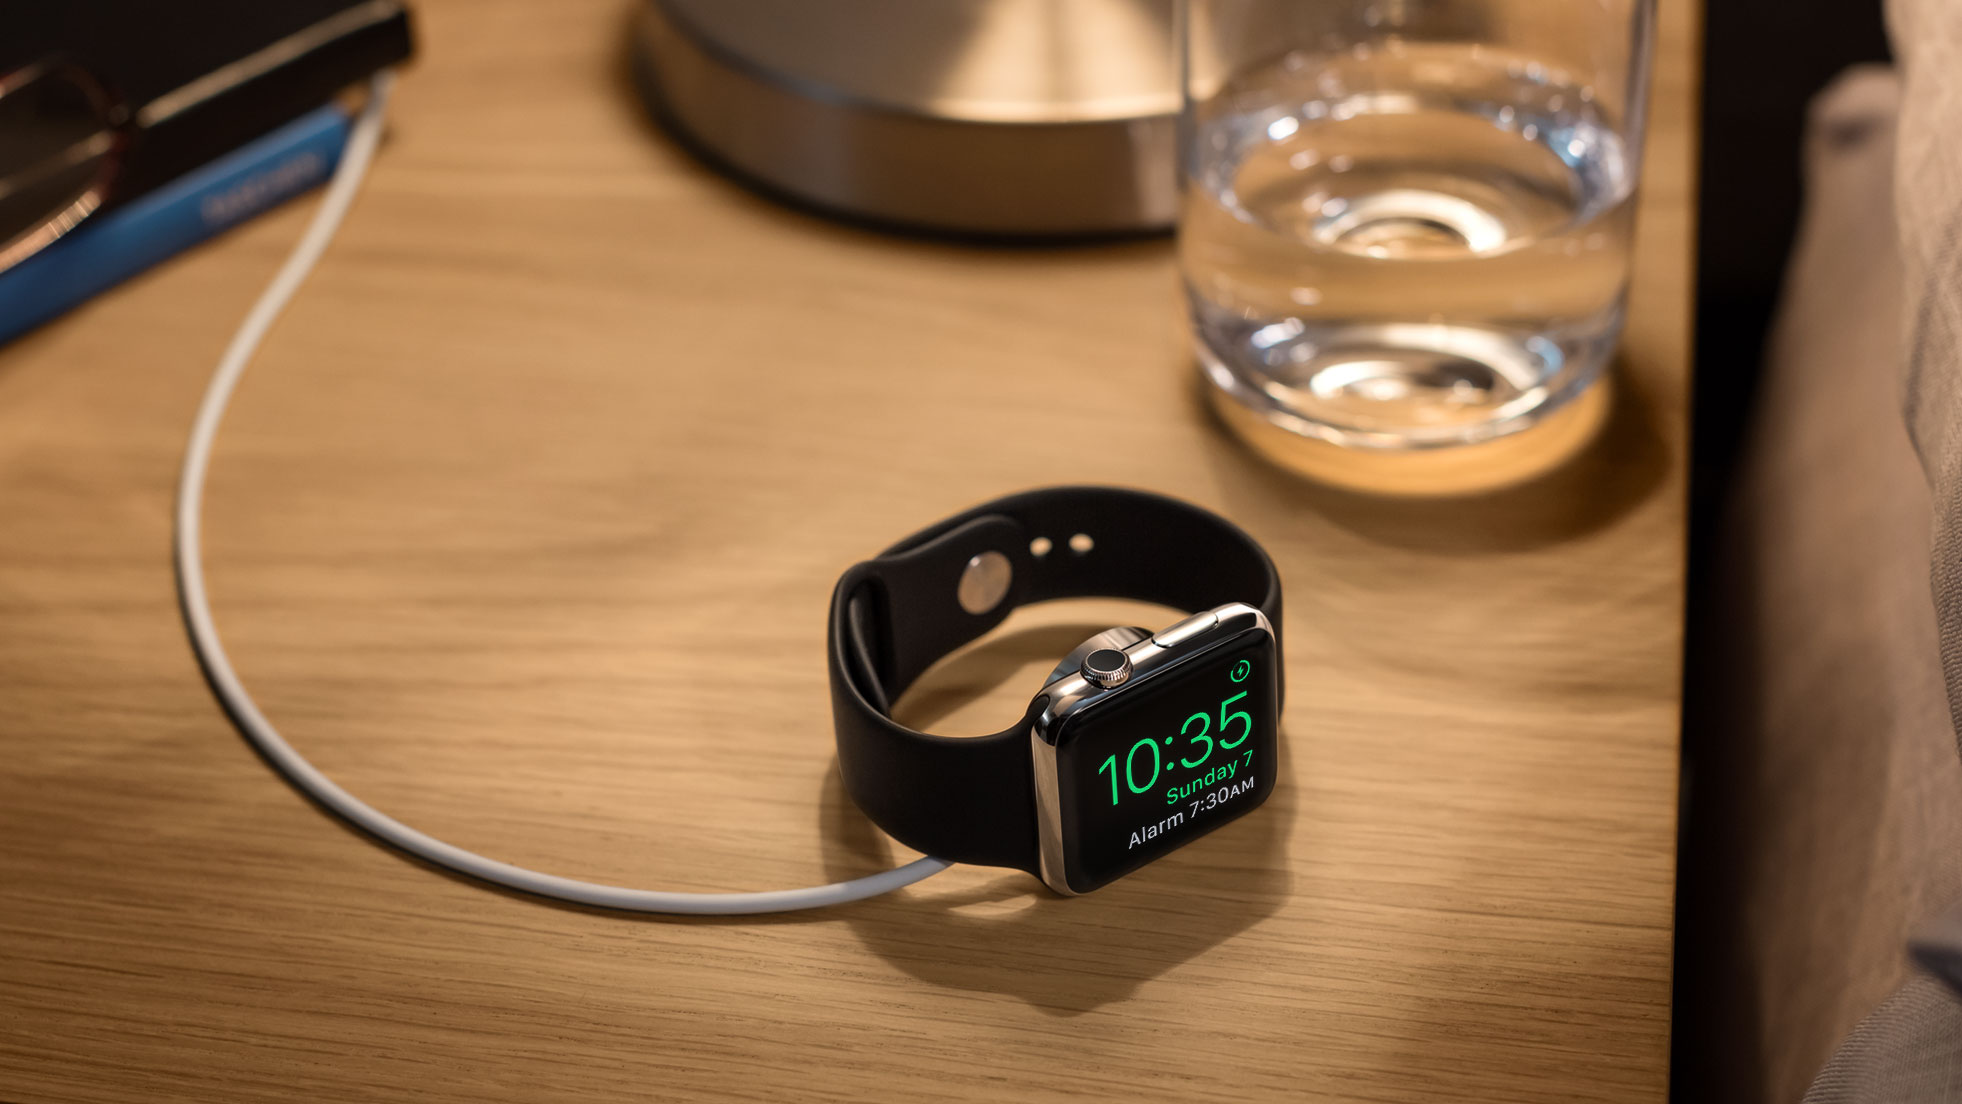 watchOS 2 nightstand mode